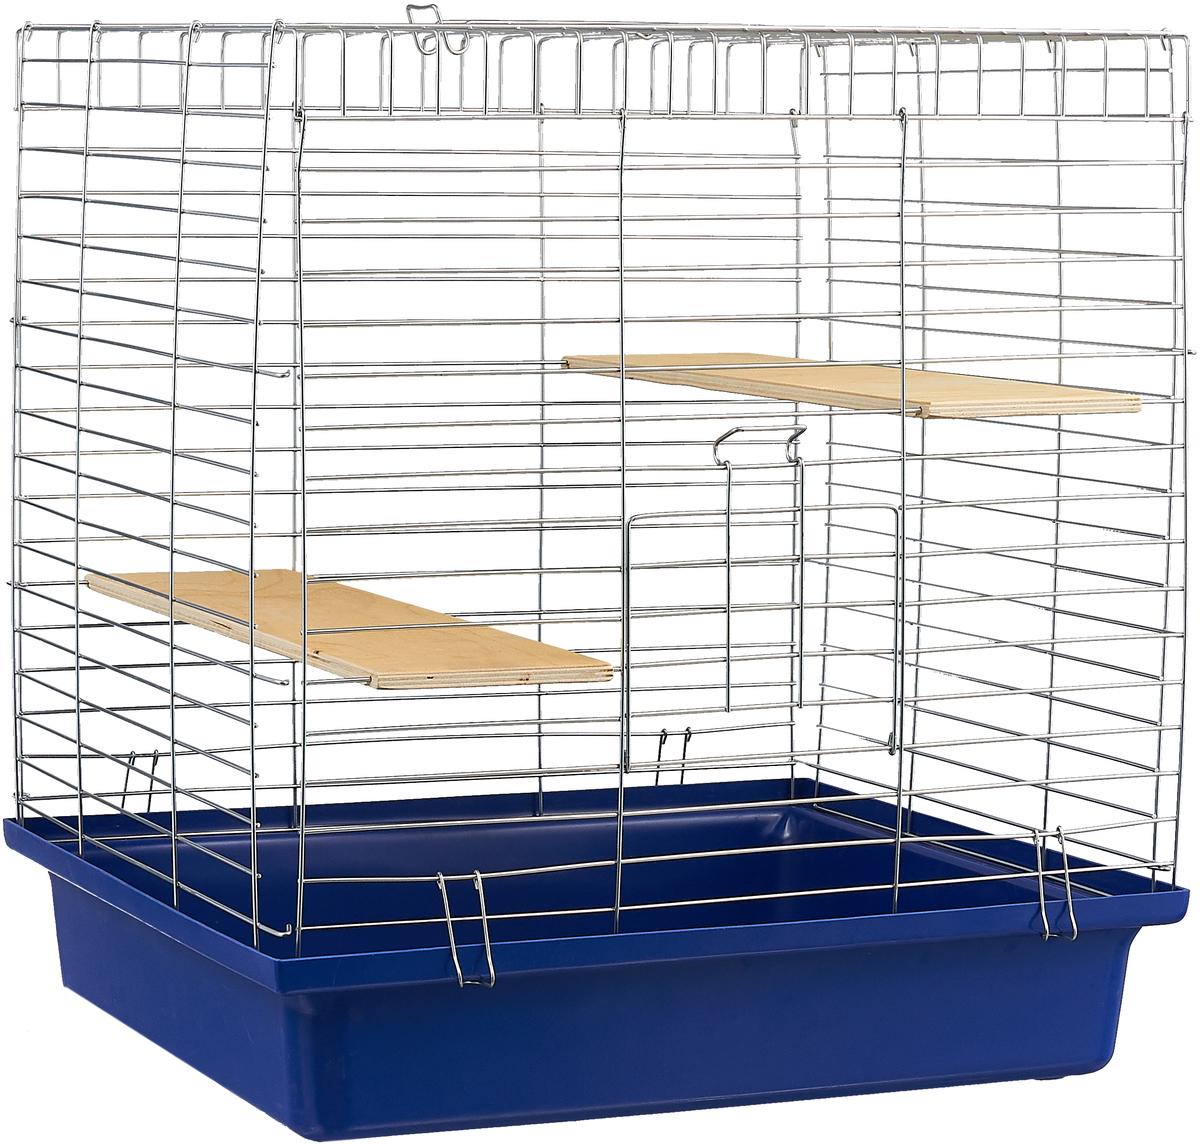 Клетка для шиншилл Велес Lusy Jerry, разборная, цвет: синий, 56 х 50 х 60 см арка декоративная grinda ар деко разборная 240 х 120 х 36 см